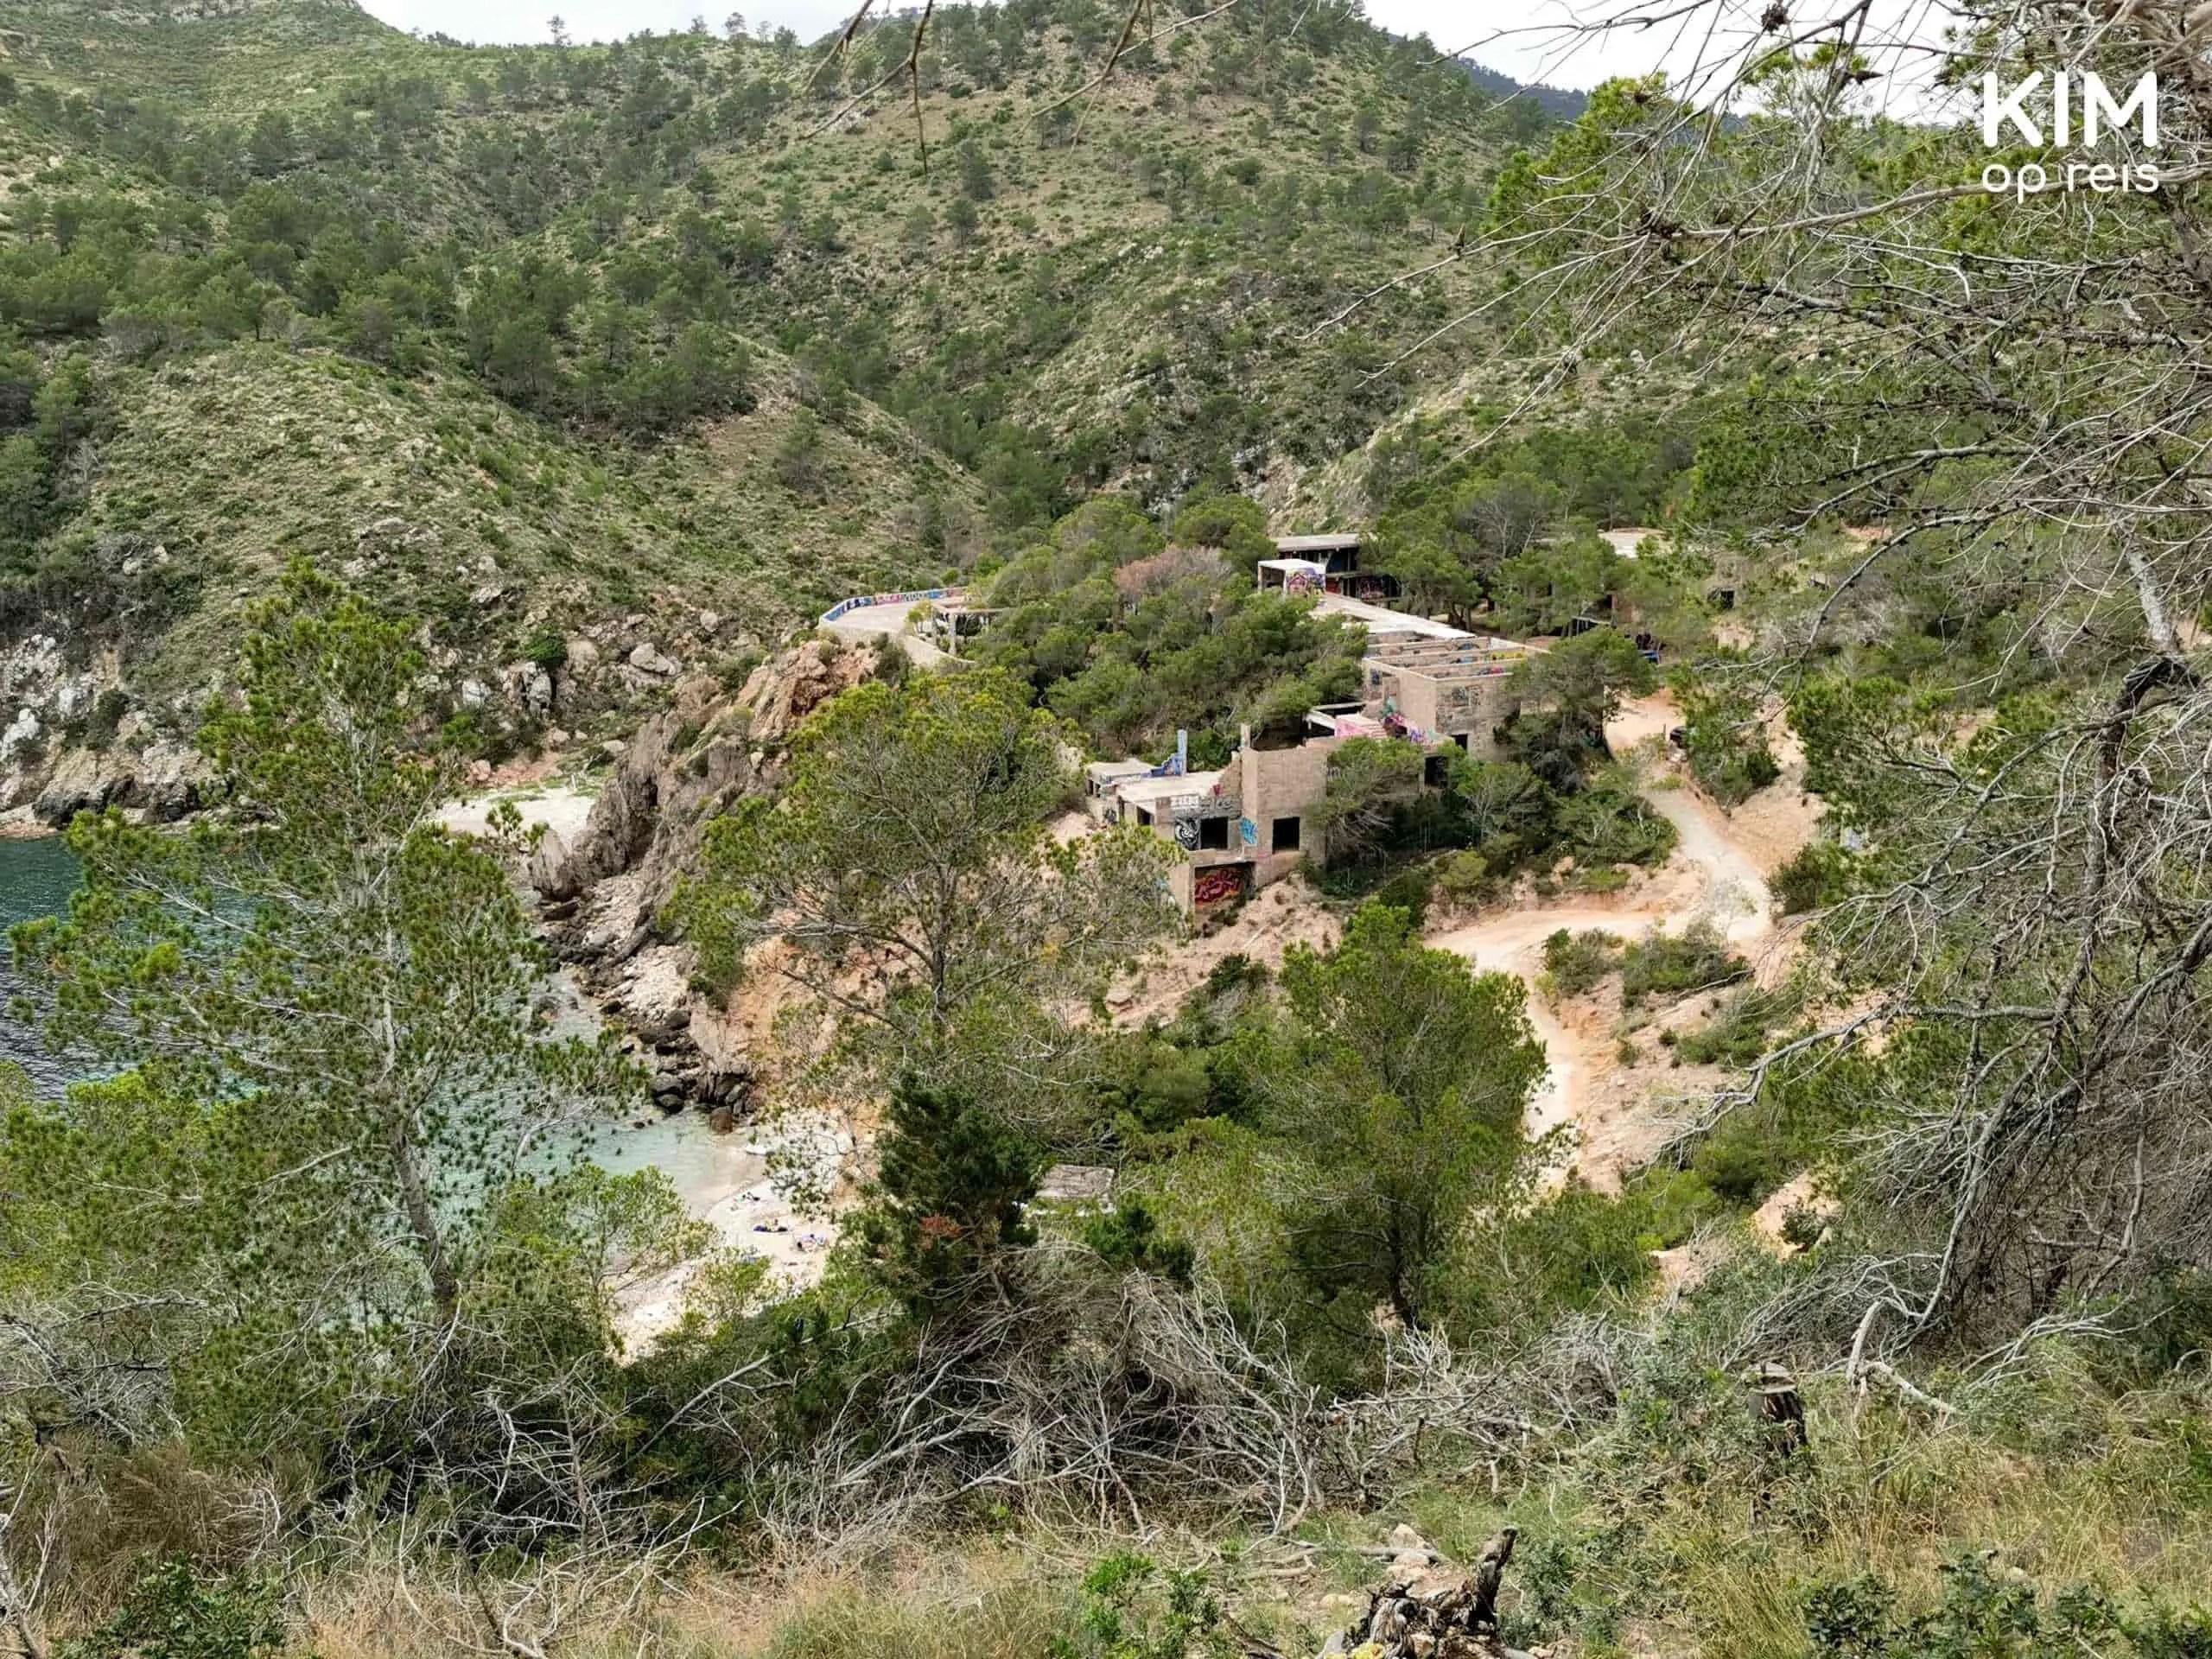 Cala d'en Serra baai: baai van bovenaf gezien, tussen de bomen door